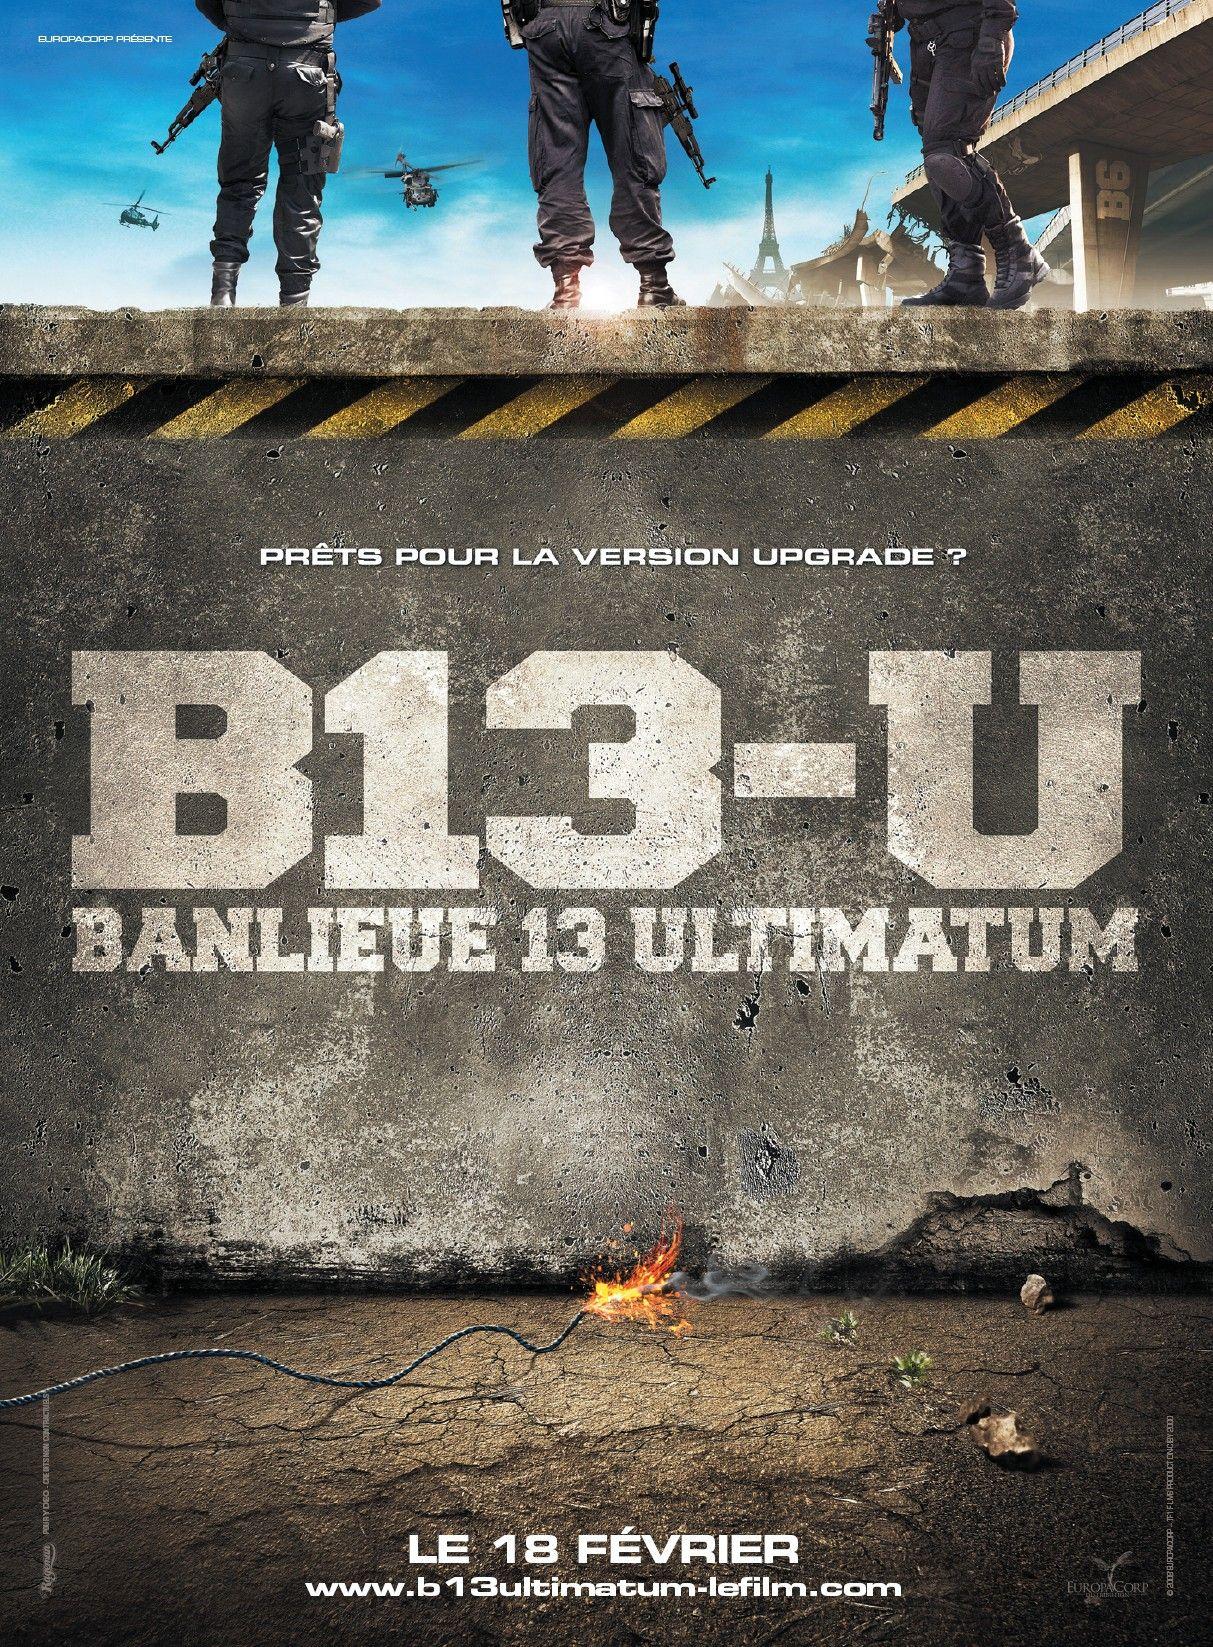 B13 GRATUITEMENT 2012 FILM TÉLÉCHARGER